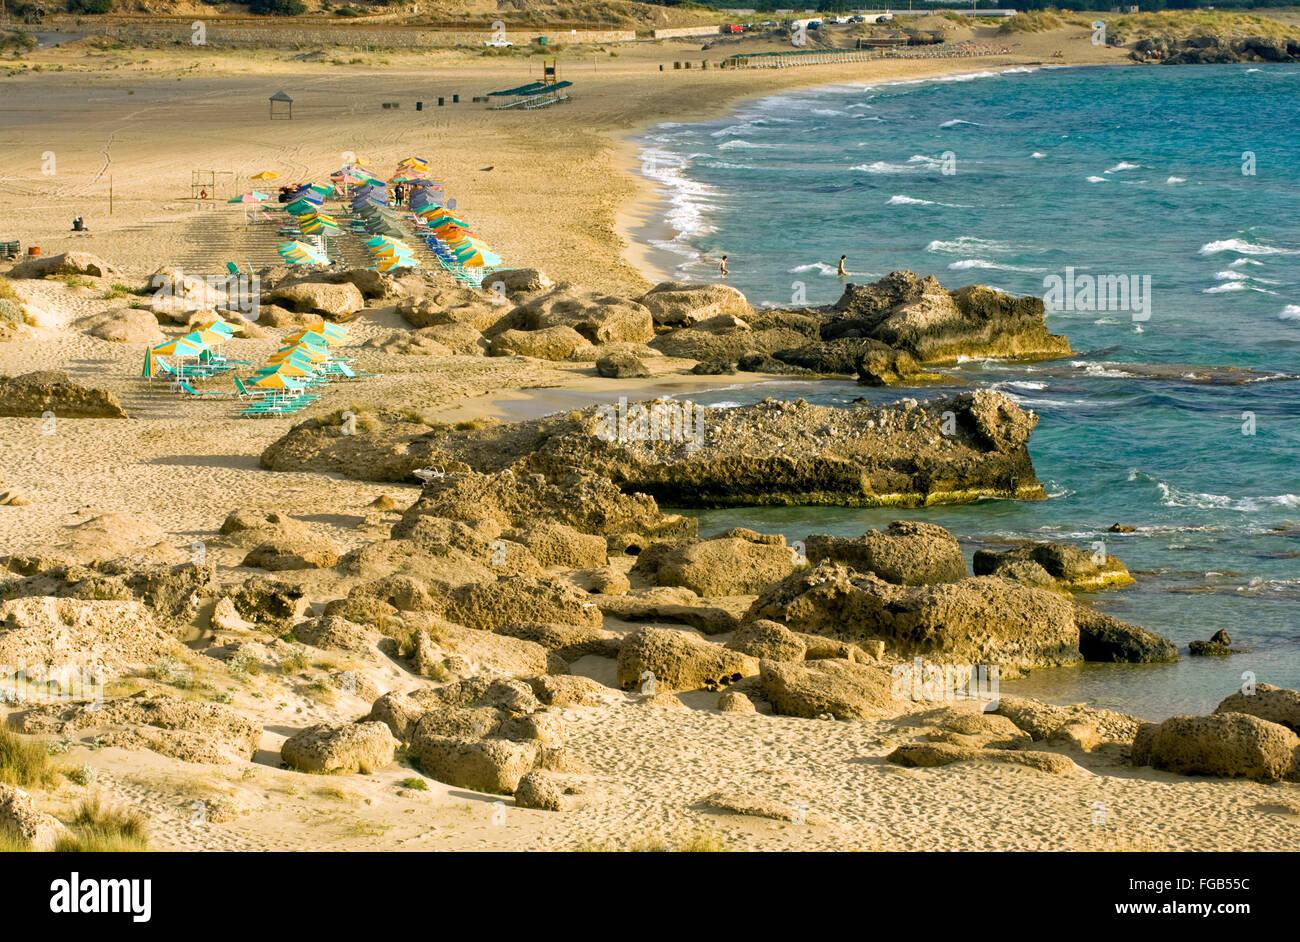 Griechenland, Kreta, bei Kissamos, der Strand von Falasarna. - Stock Image